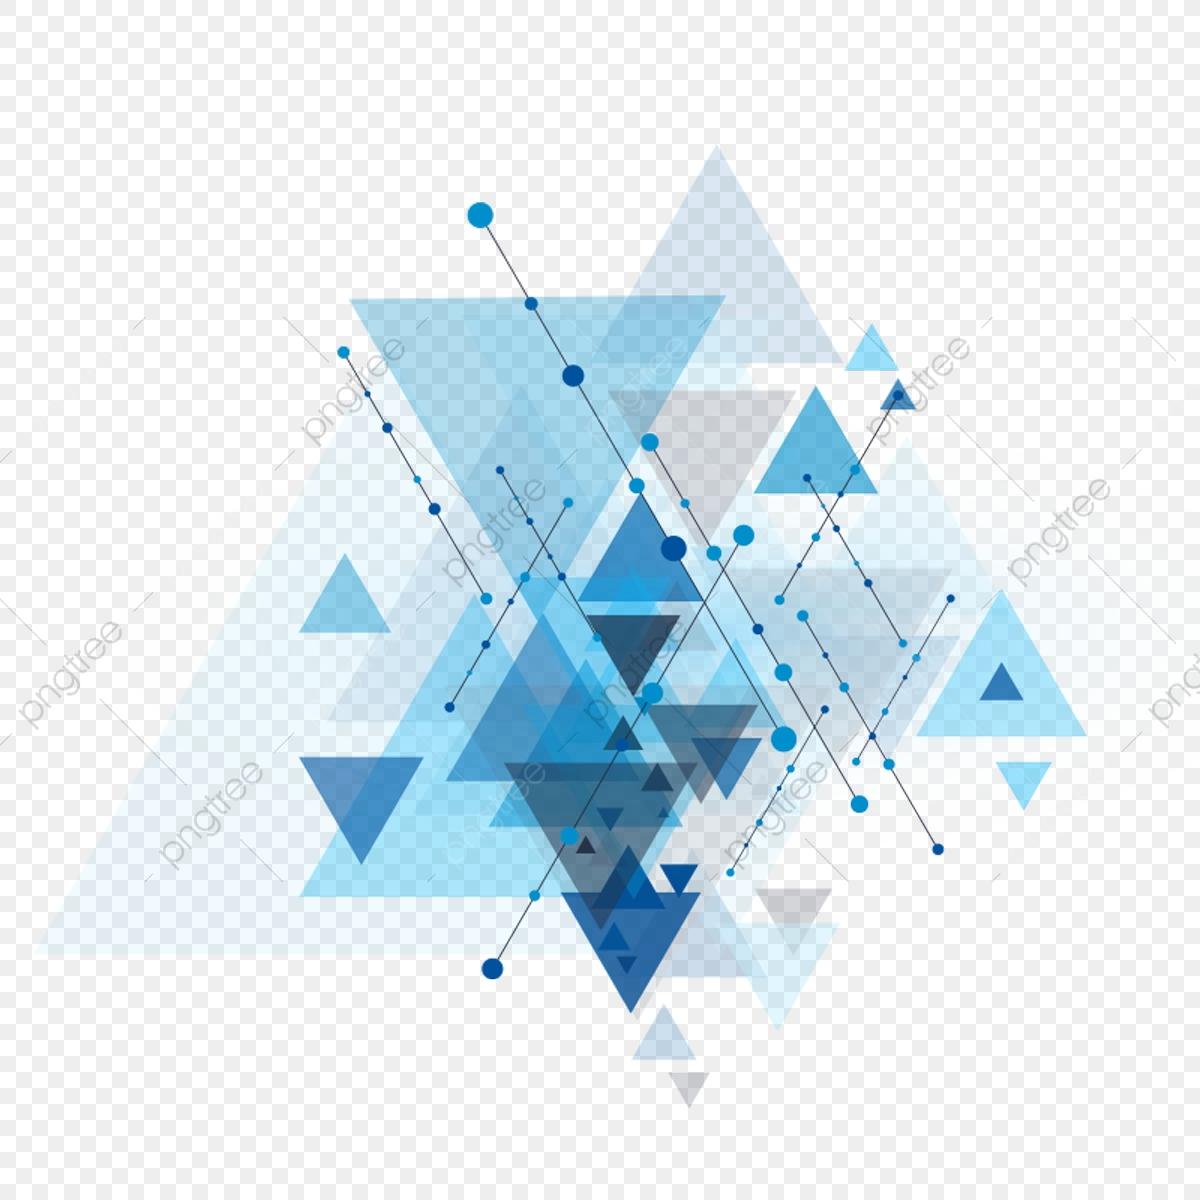 Blue Geometric Shape With Dot Line, Background, Shape, Line PNG.